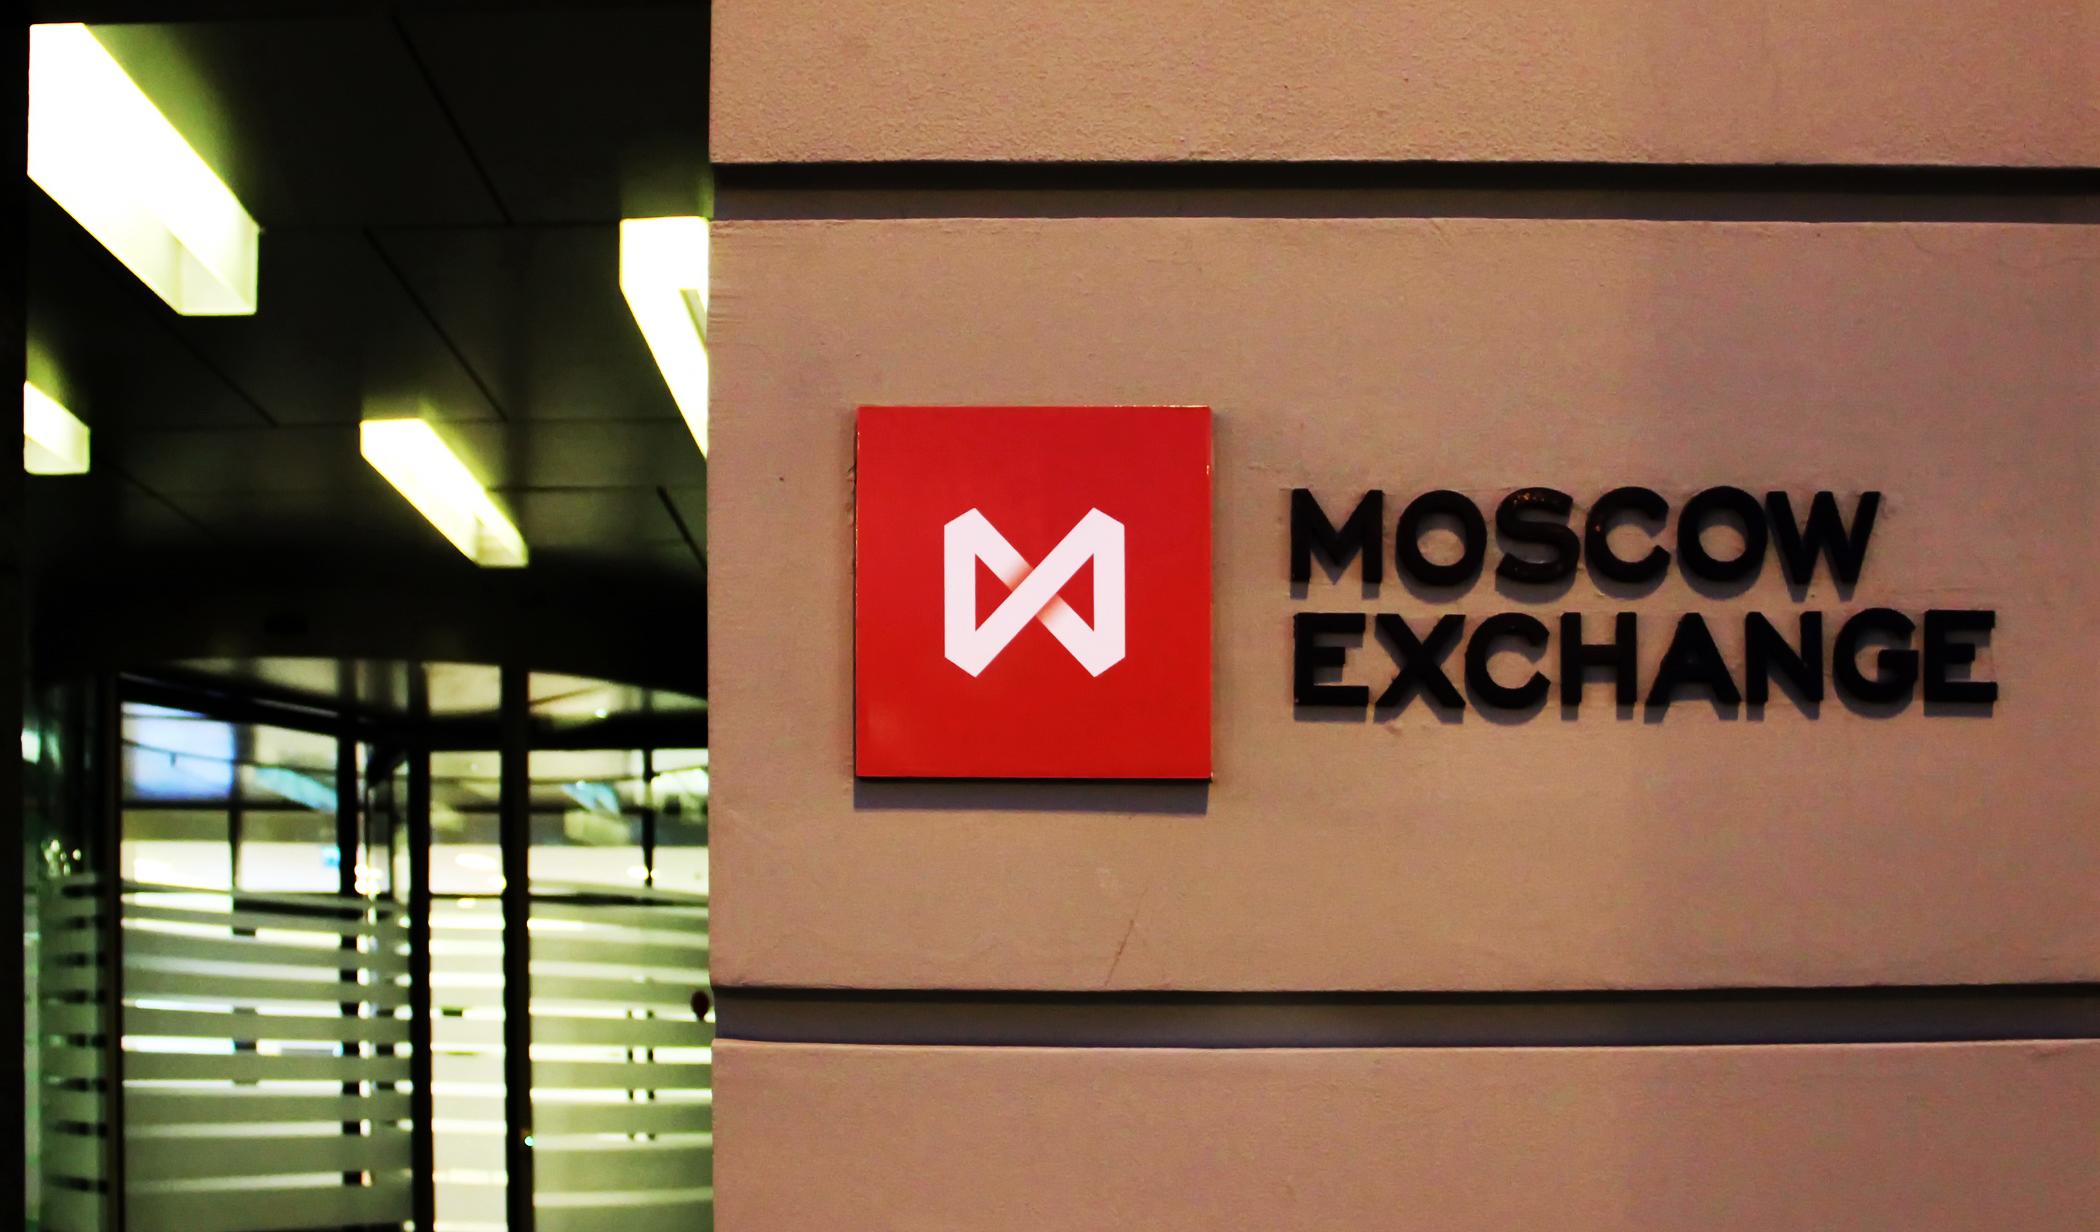 С 22 июня на Мосбирже стартует вечерняя торговая сессия на фондовом рынке